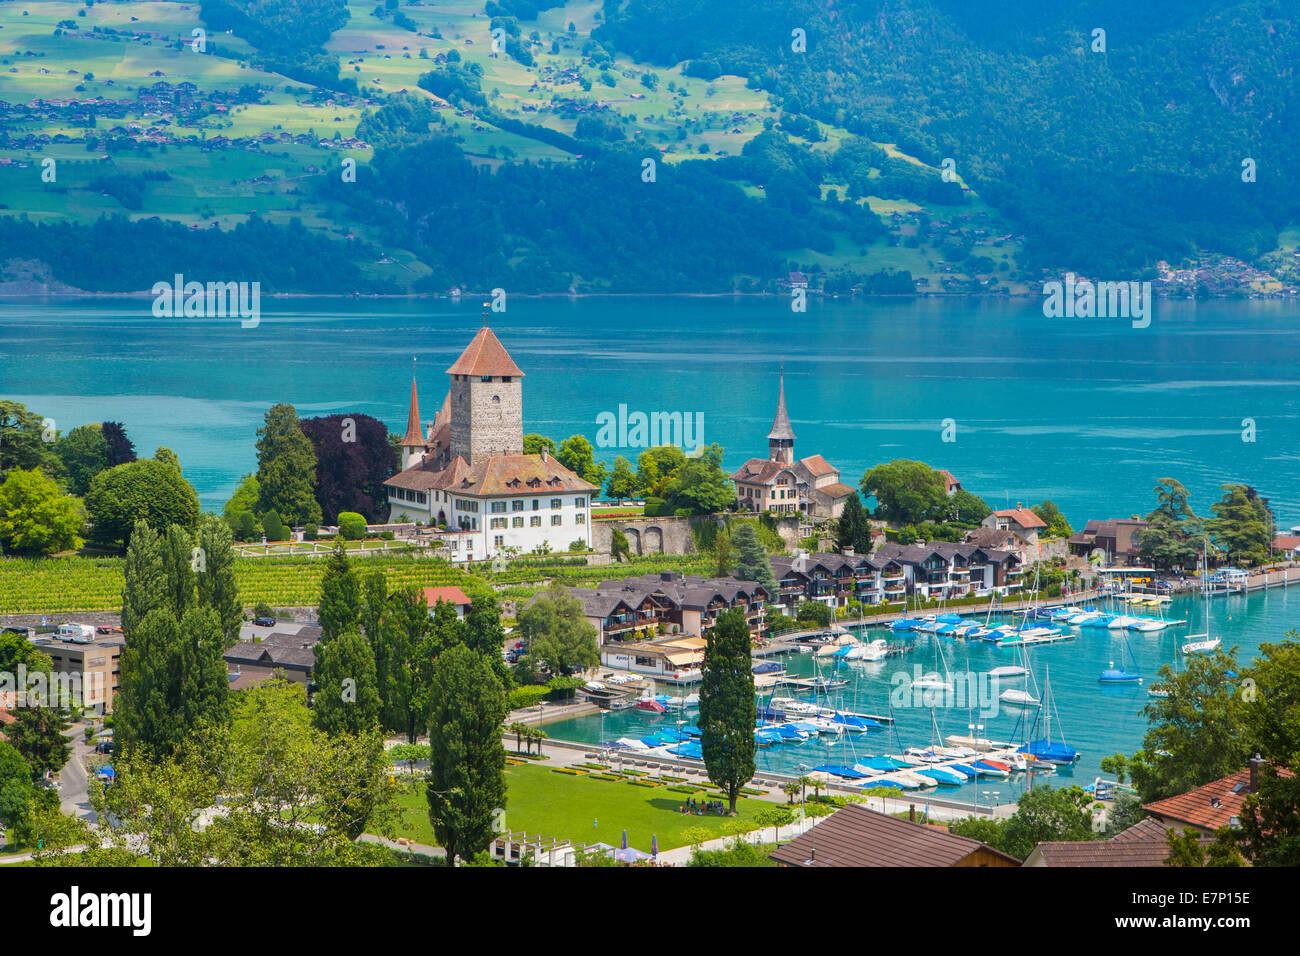 Kanton Bern, Berner Oberland, Spiez, Schweiz, Europa, Thunersee, Architektur, Boote, Stadt, bunt, See, Landschaft, Stockbild